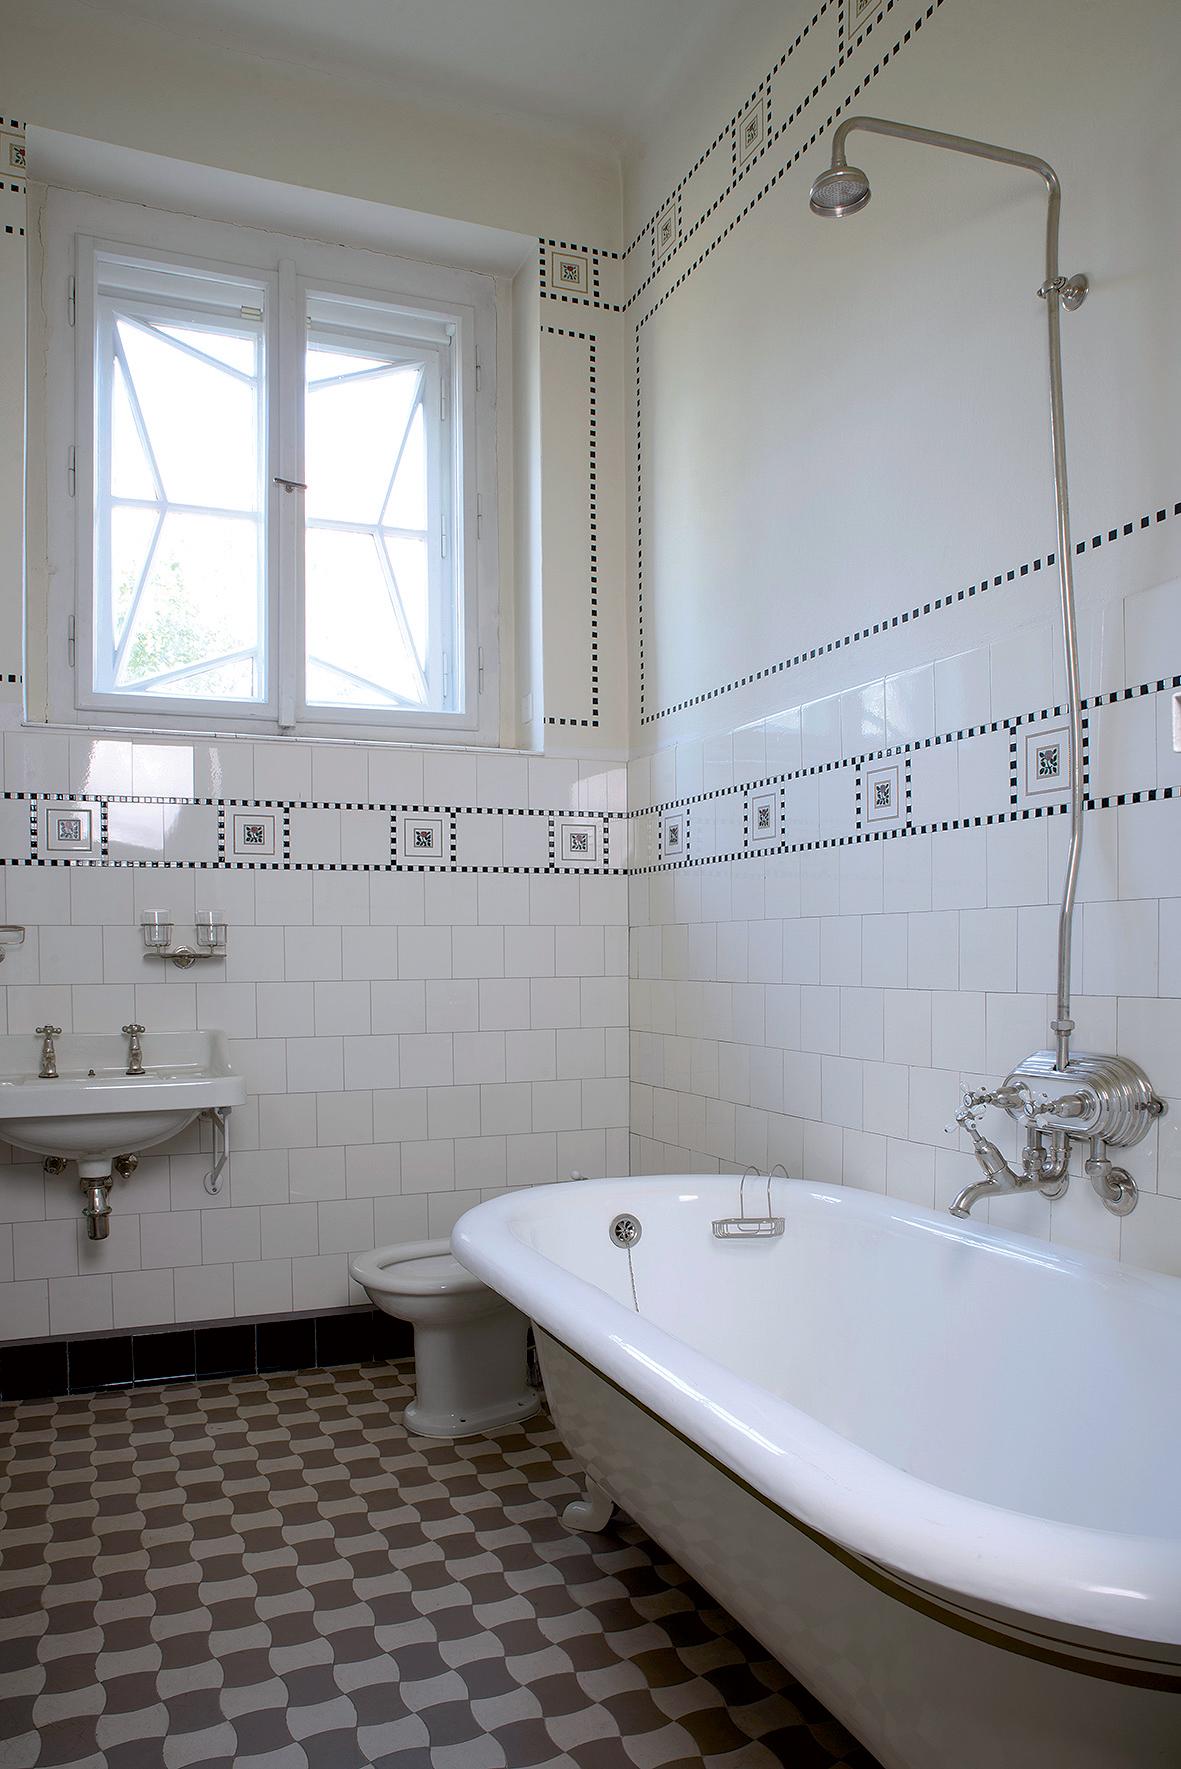 Zachovala se originální koupelna včetně původní vany a části obkladů